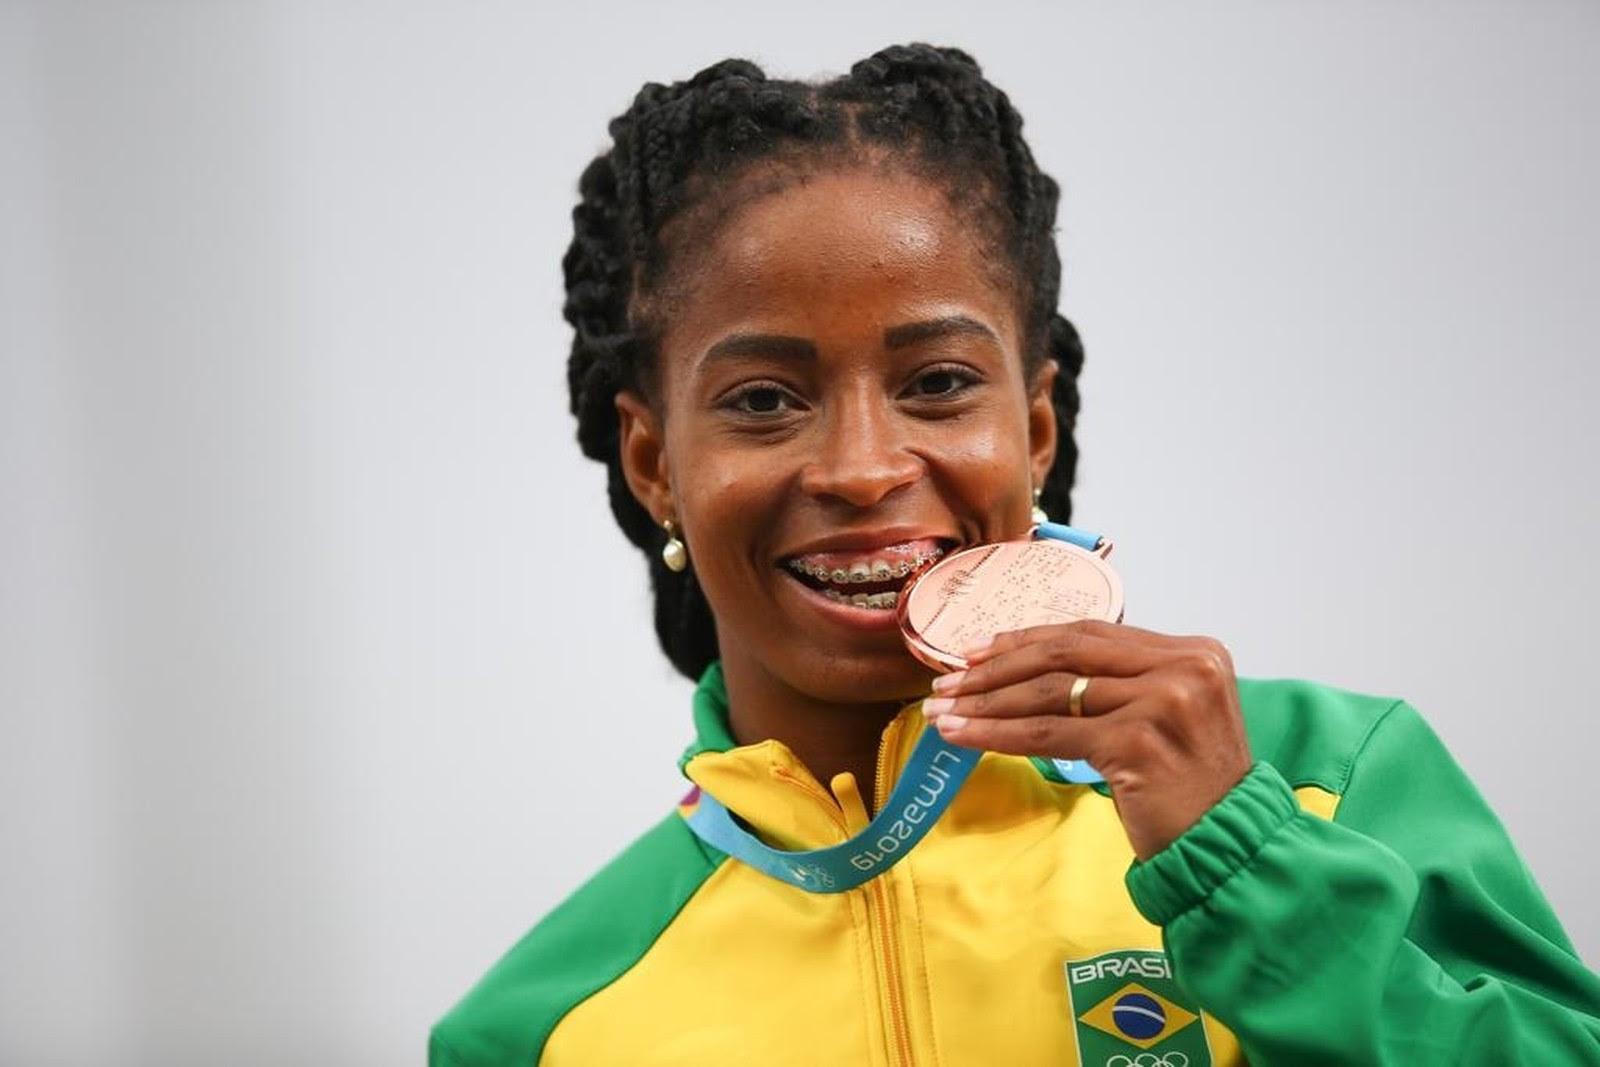 Vitória Rosa conquista ouro, prata e bronze no Pan de Lima - Foto: Alexandre Loureiro